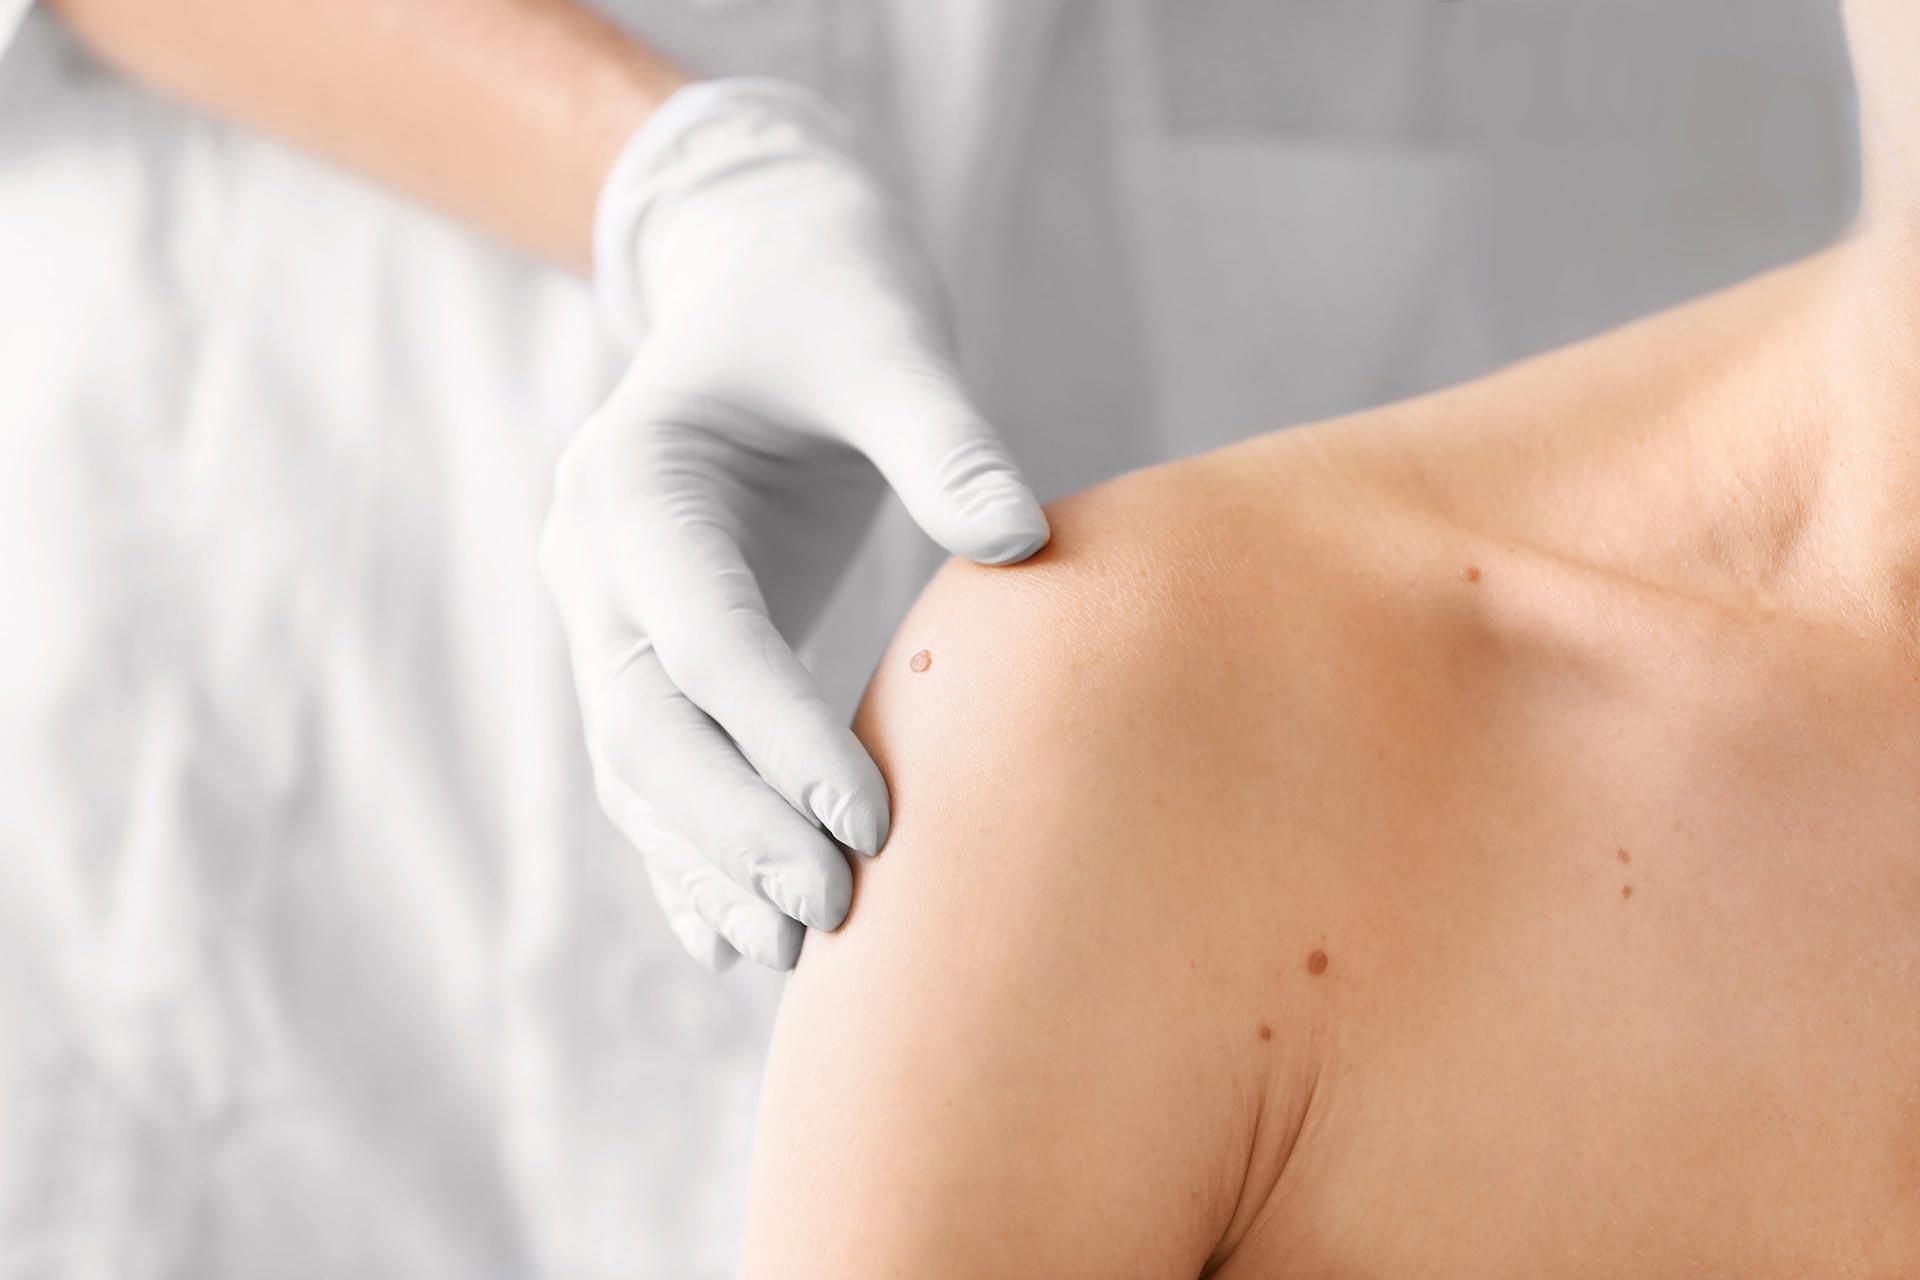 Untersuchung eines Muttermals auf der Schulter durch eine Fachperson